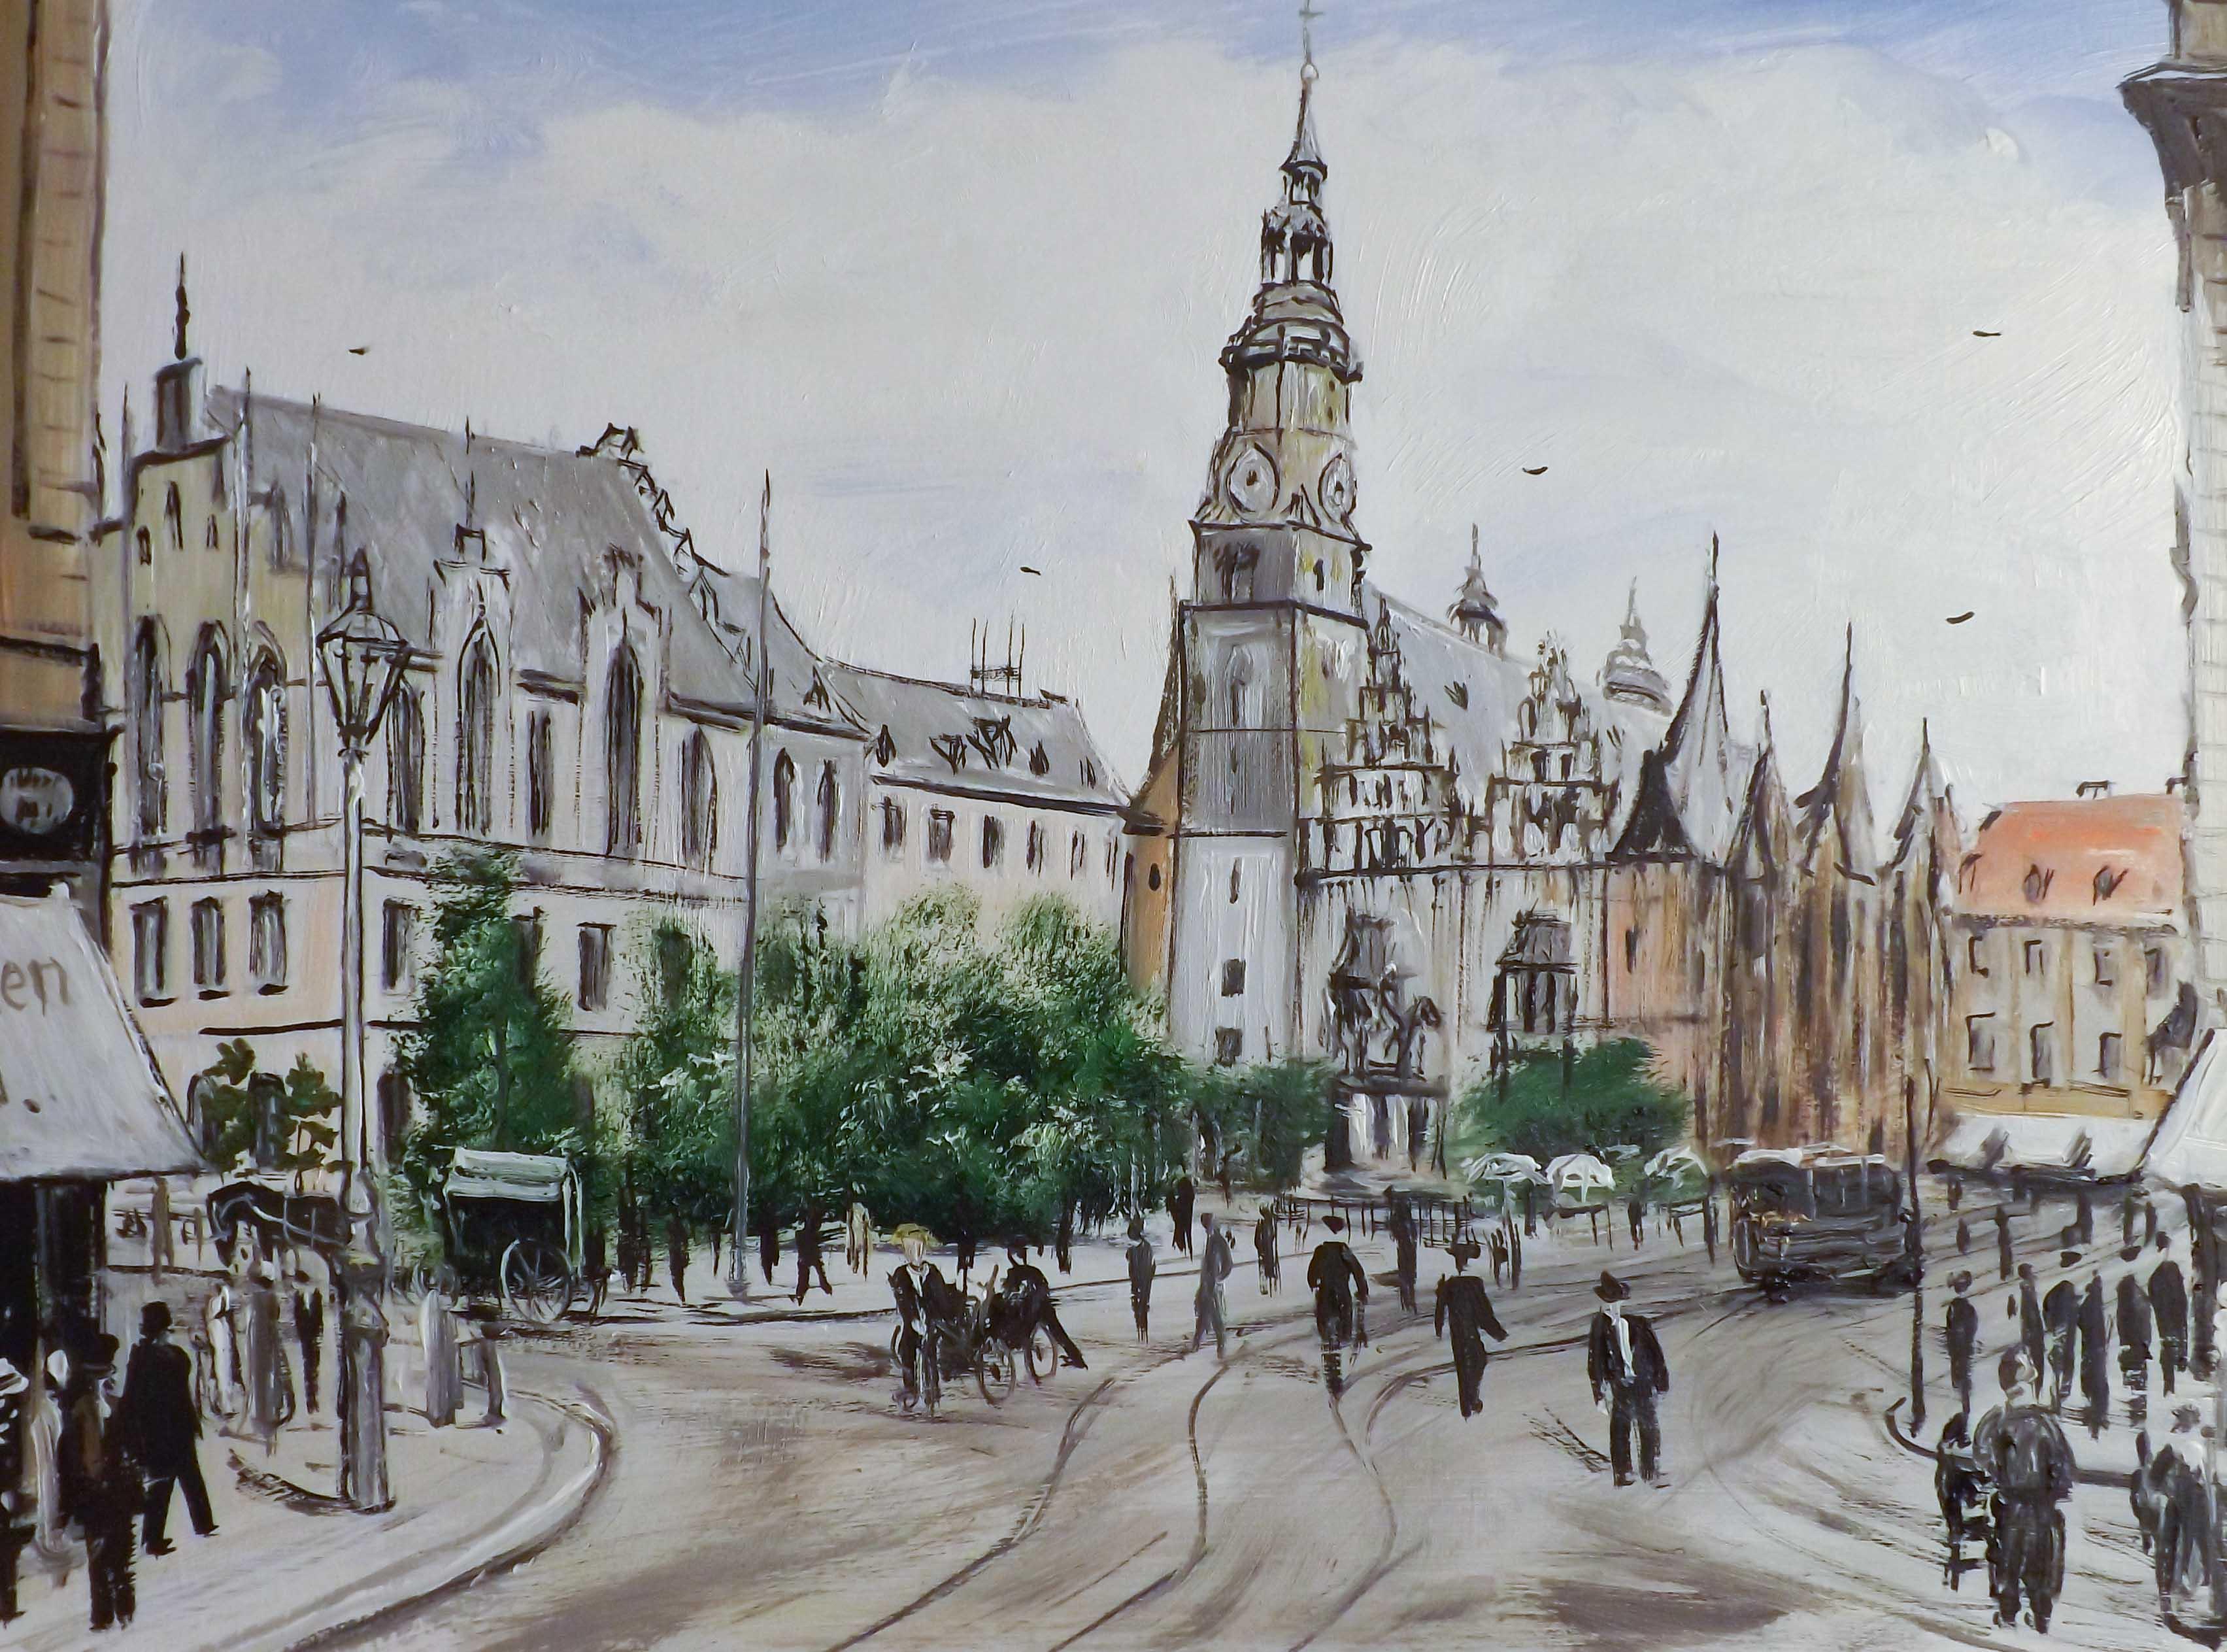 https://peter-natusch.de/wp-content/uploads/2018/01/Breslau-Rathaus.jpg